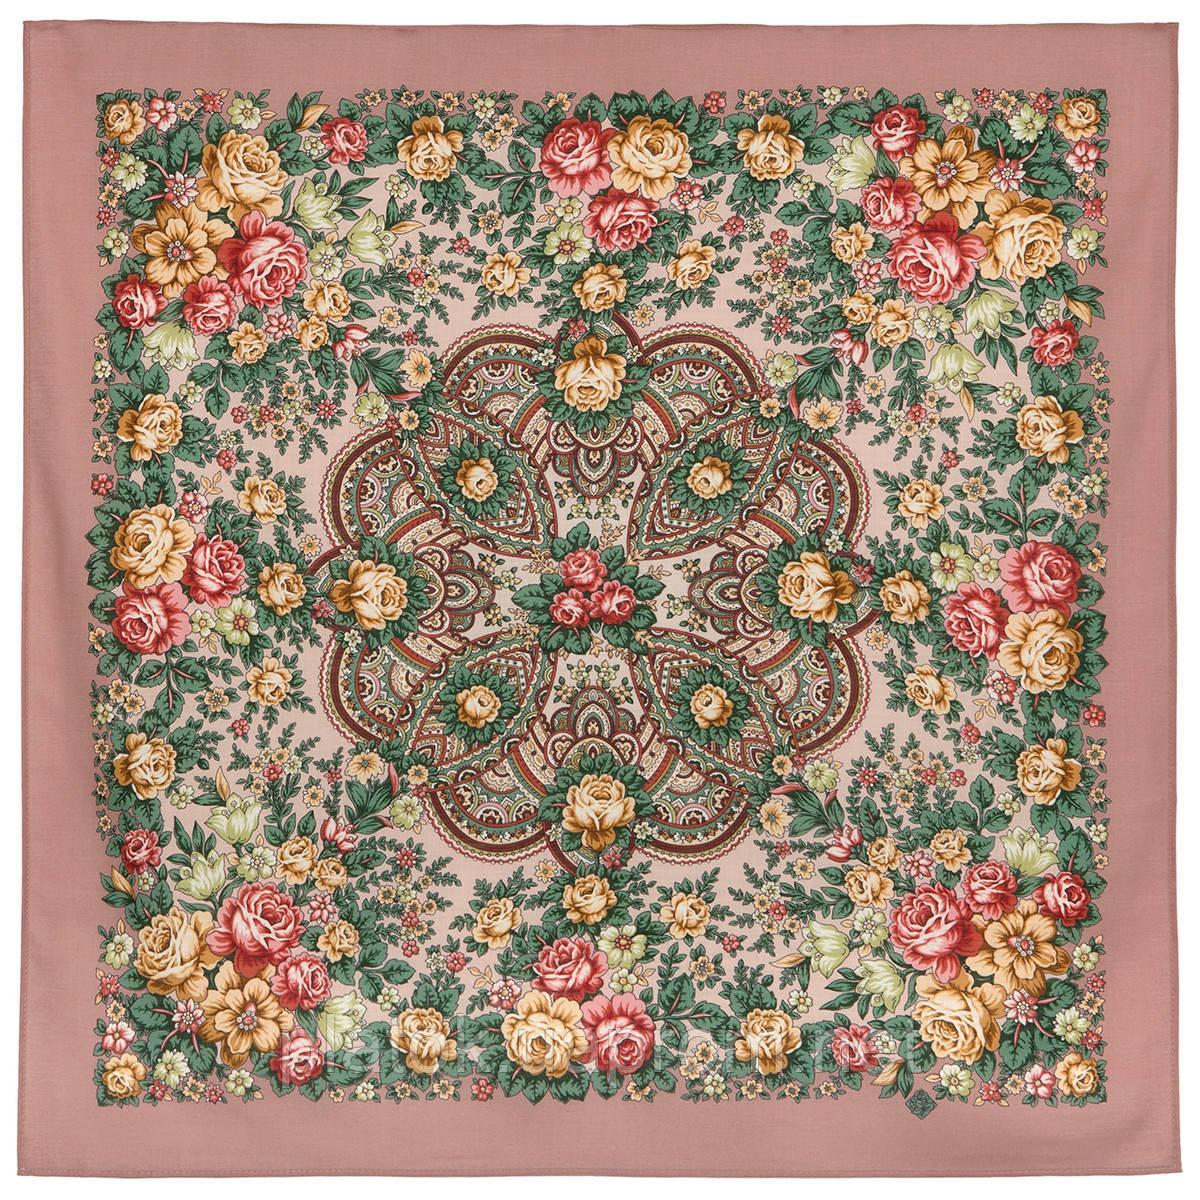 Цветочная нимфа 1831-16, 89x89, павлопосадский платок шерстяной с оверлоком